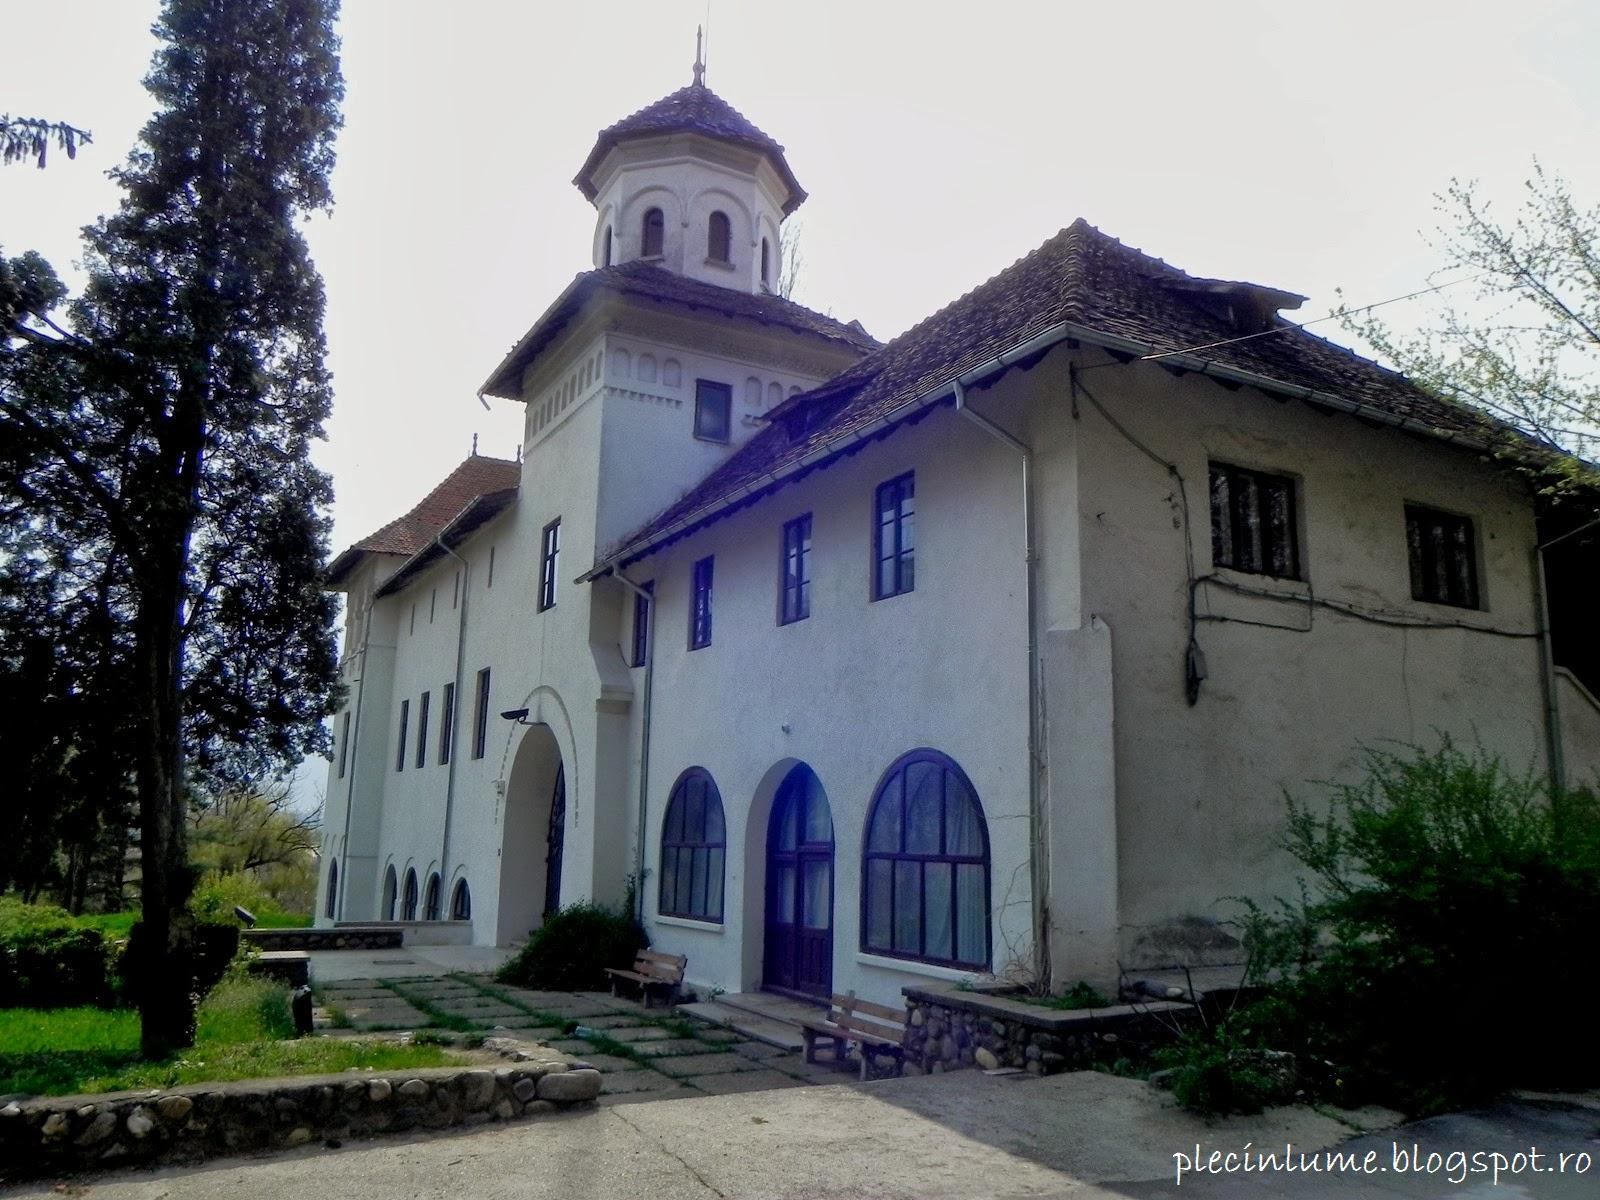 Fosta ferma, azi locatie de nunta: Conacul Bratienilor